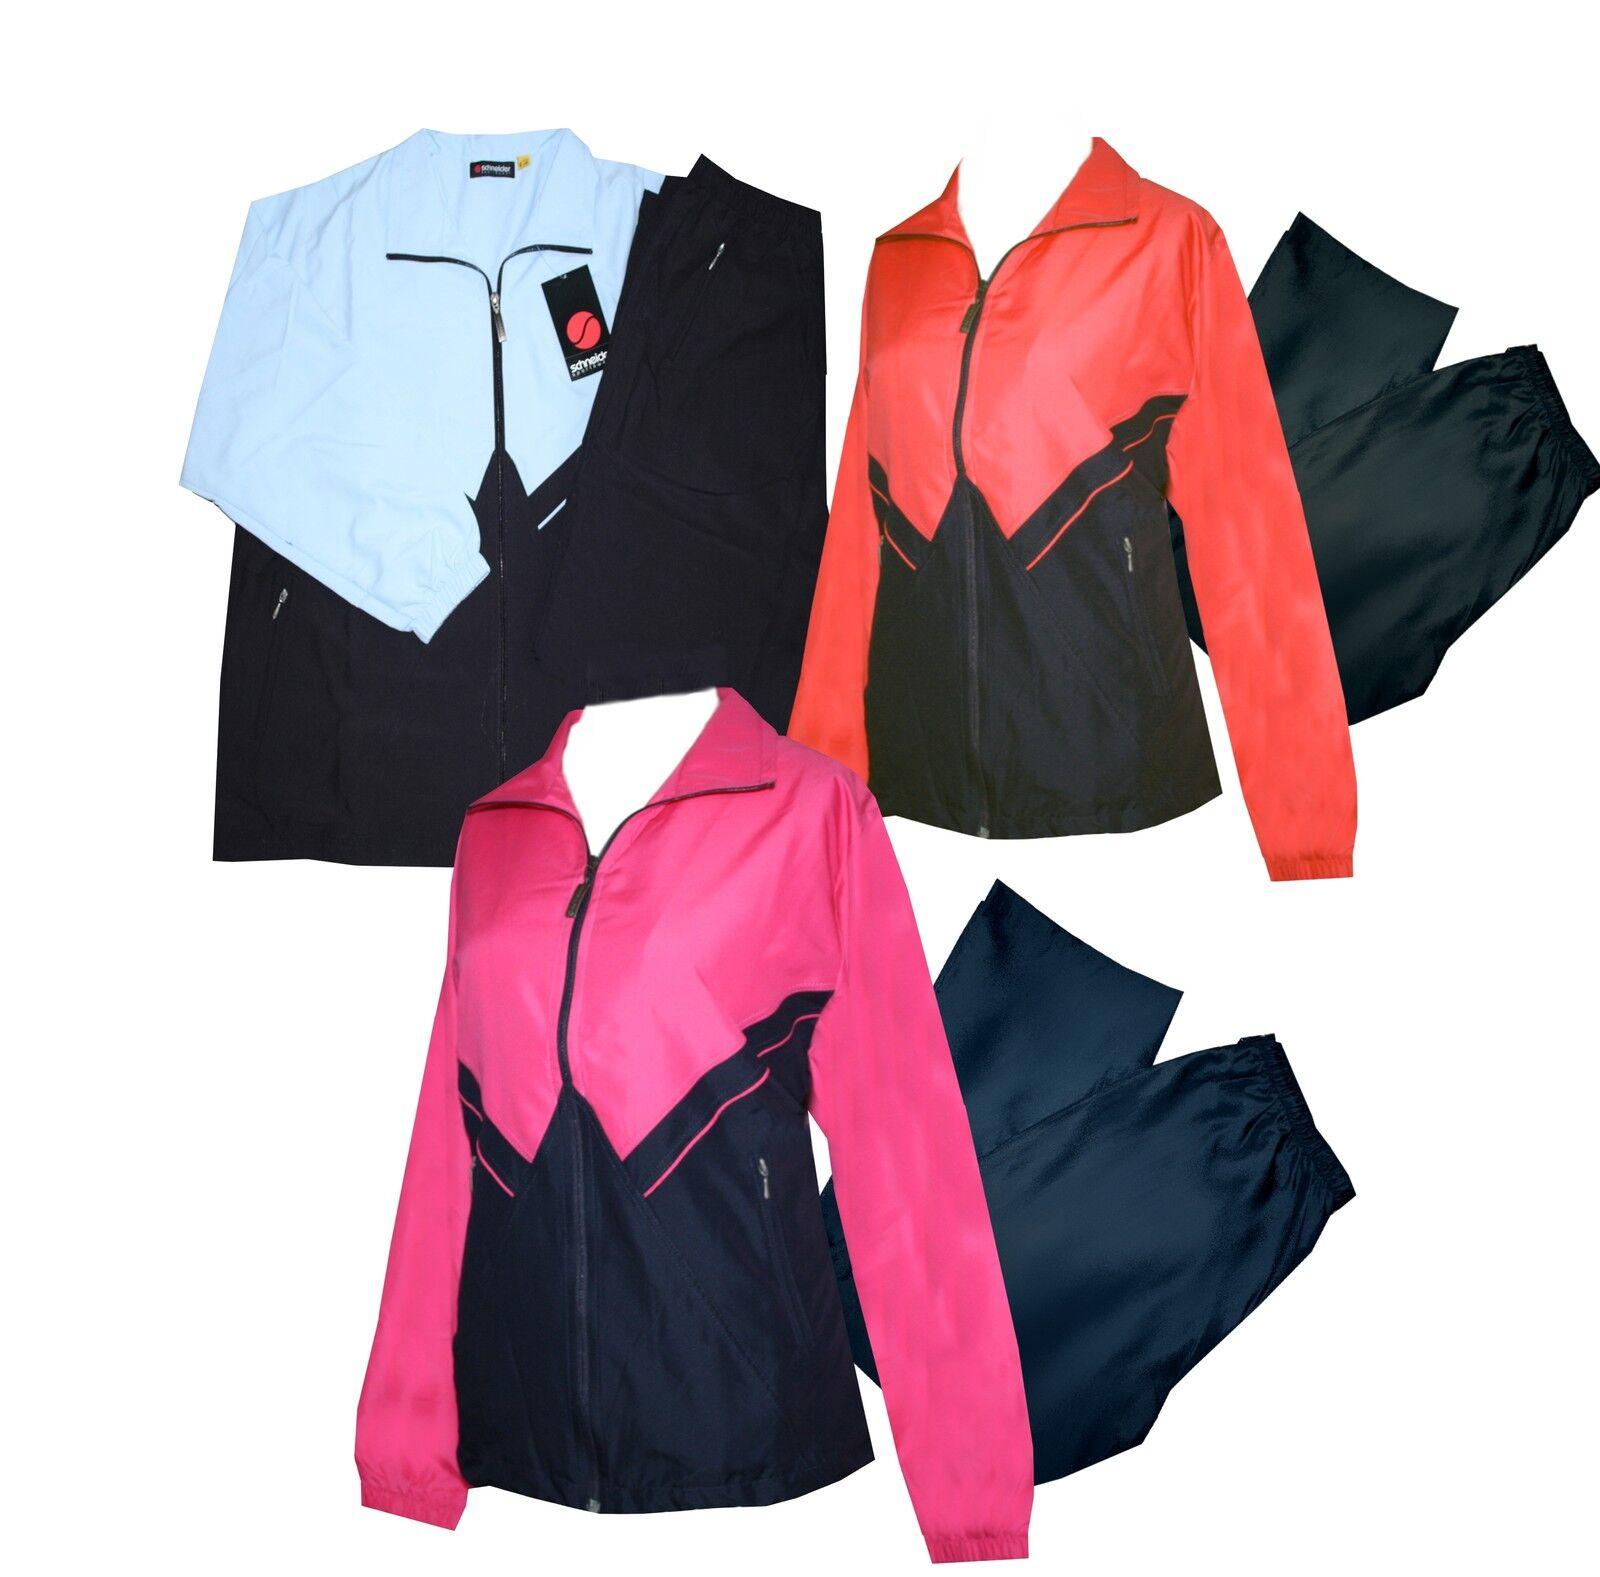 Schneider DONNA Sportswear Gabi DONNA Schneider TUTA CASA TUTA SPORT-FITNESS TG. 38/40 cc13c5